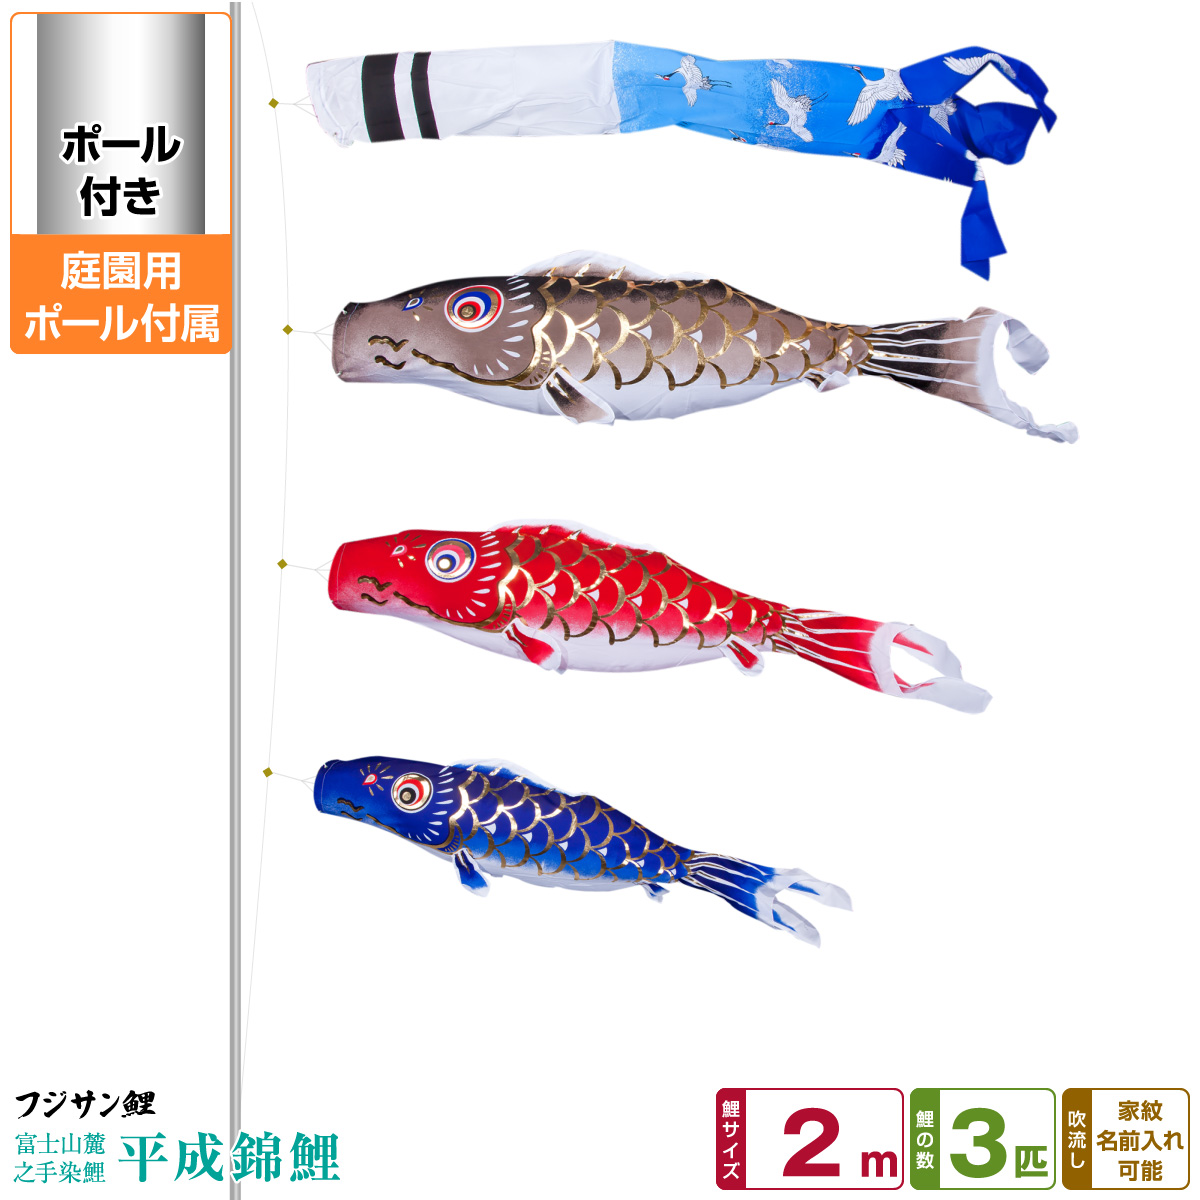 庭園用 こいのぼり 鯉のぼり フジサン鯉 平成錦鯉 2m 6点セット(吹流し+鯉3匹+矢車+ロープ) 庭園 ポール付属 ガーデンセット